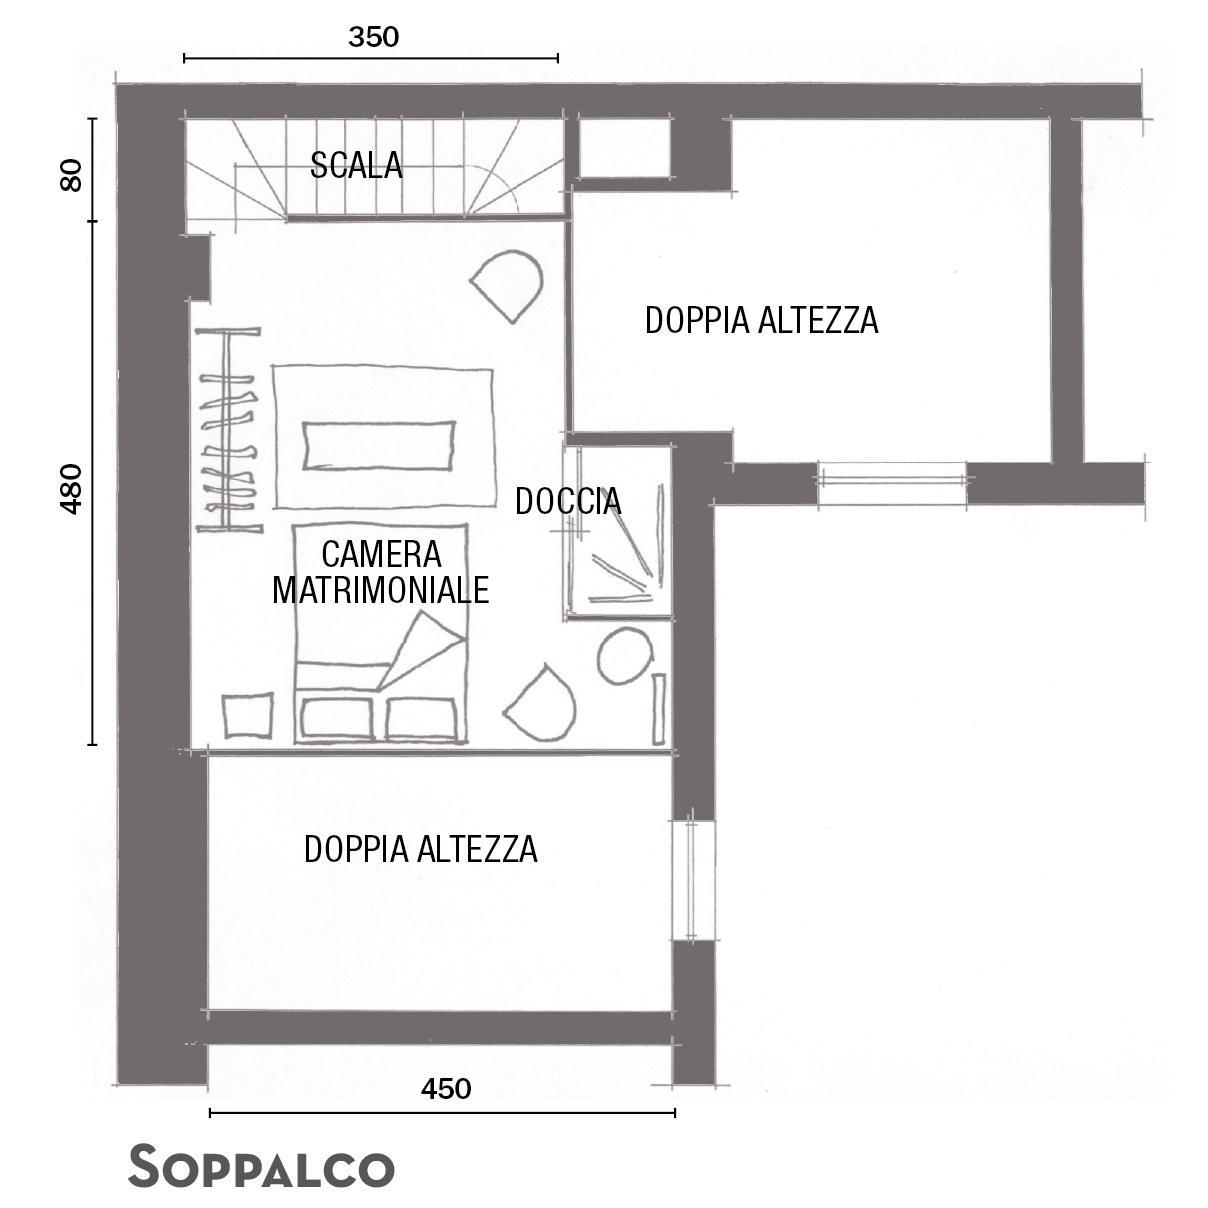 47 mq  22 mq di soppalco una piccola casa dallo stile rigoroso con un tocco femminile  Cose